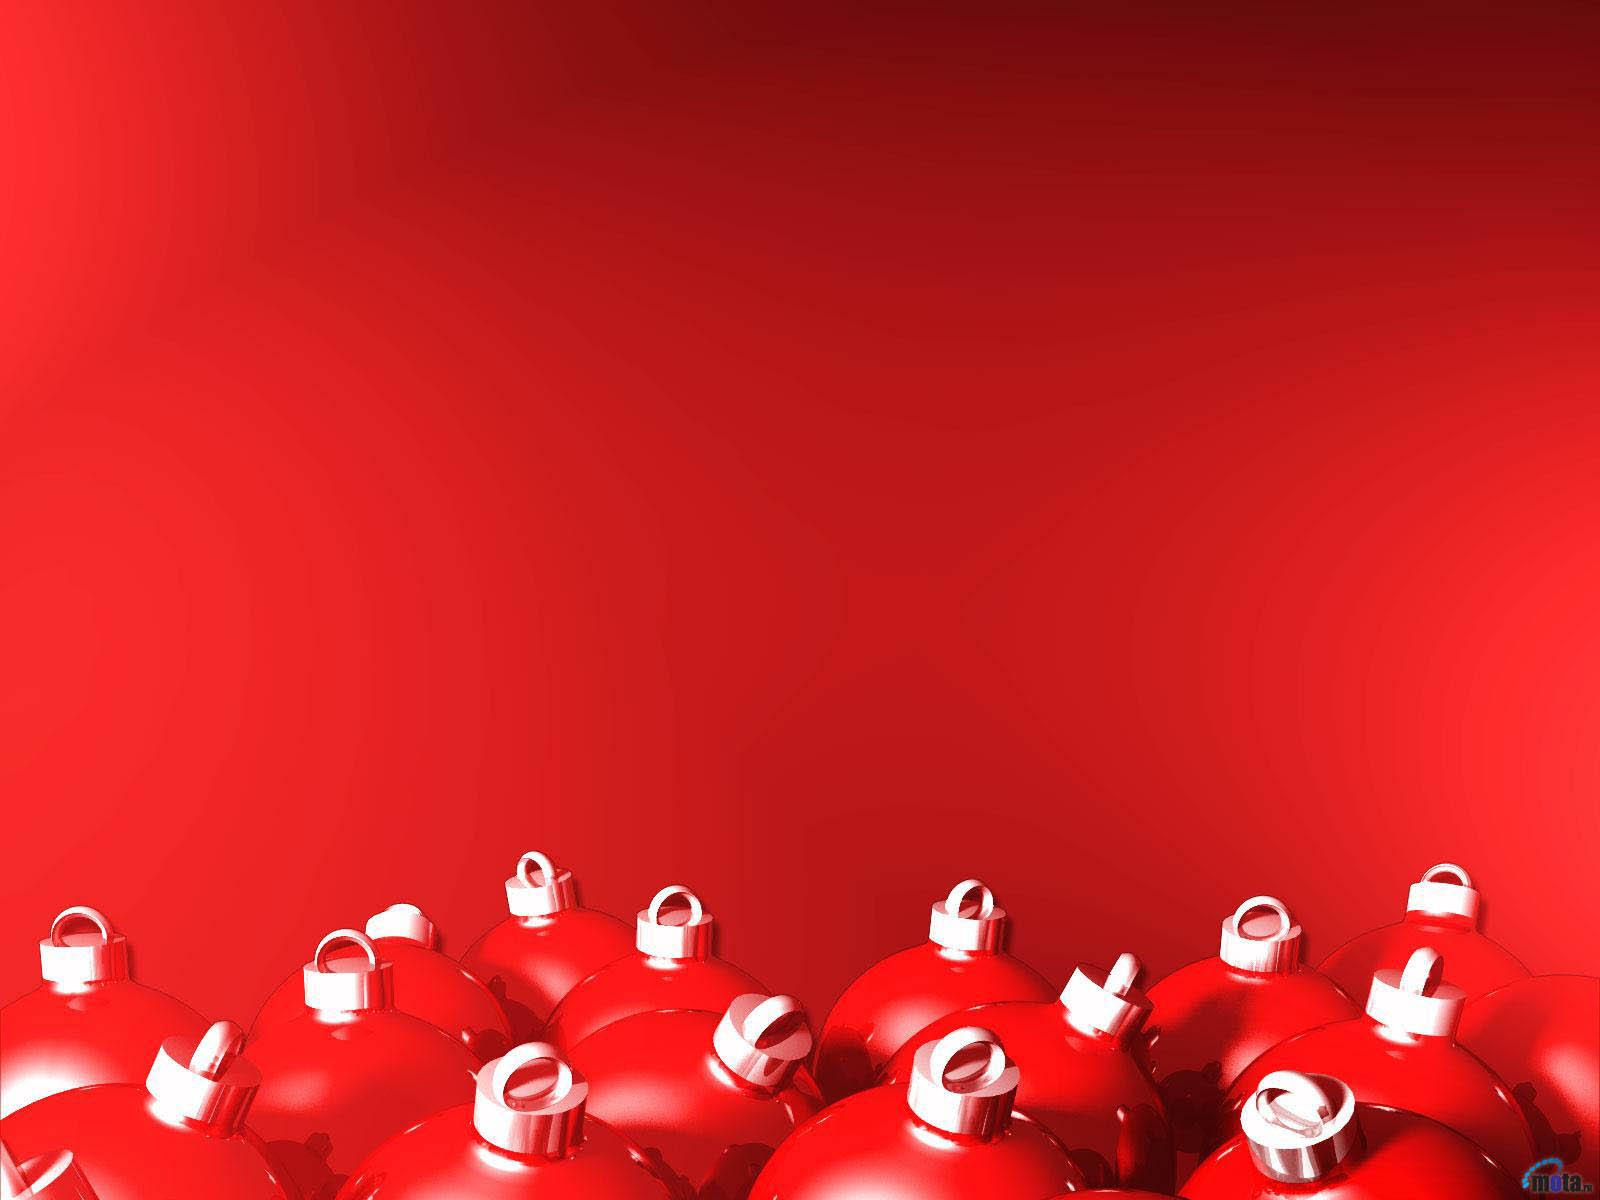 Kerst Achtergronden » Animaatjes.nl Wallpapers Kerst Achtergronden